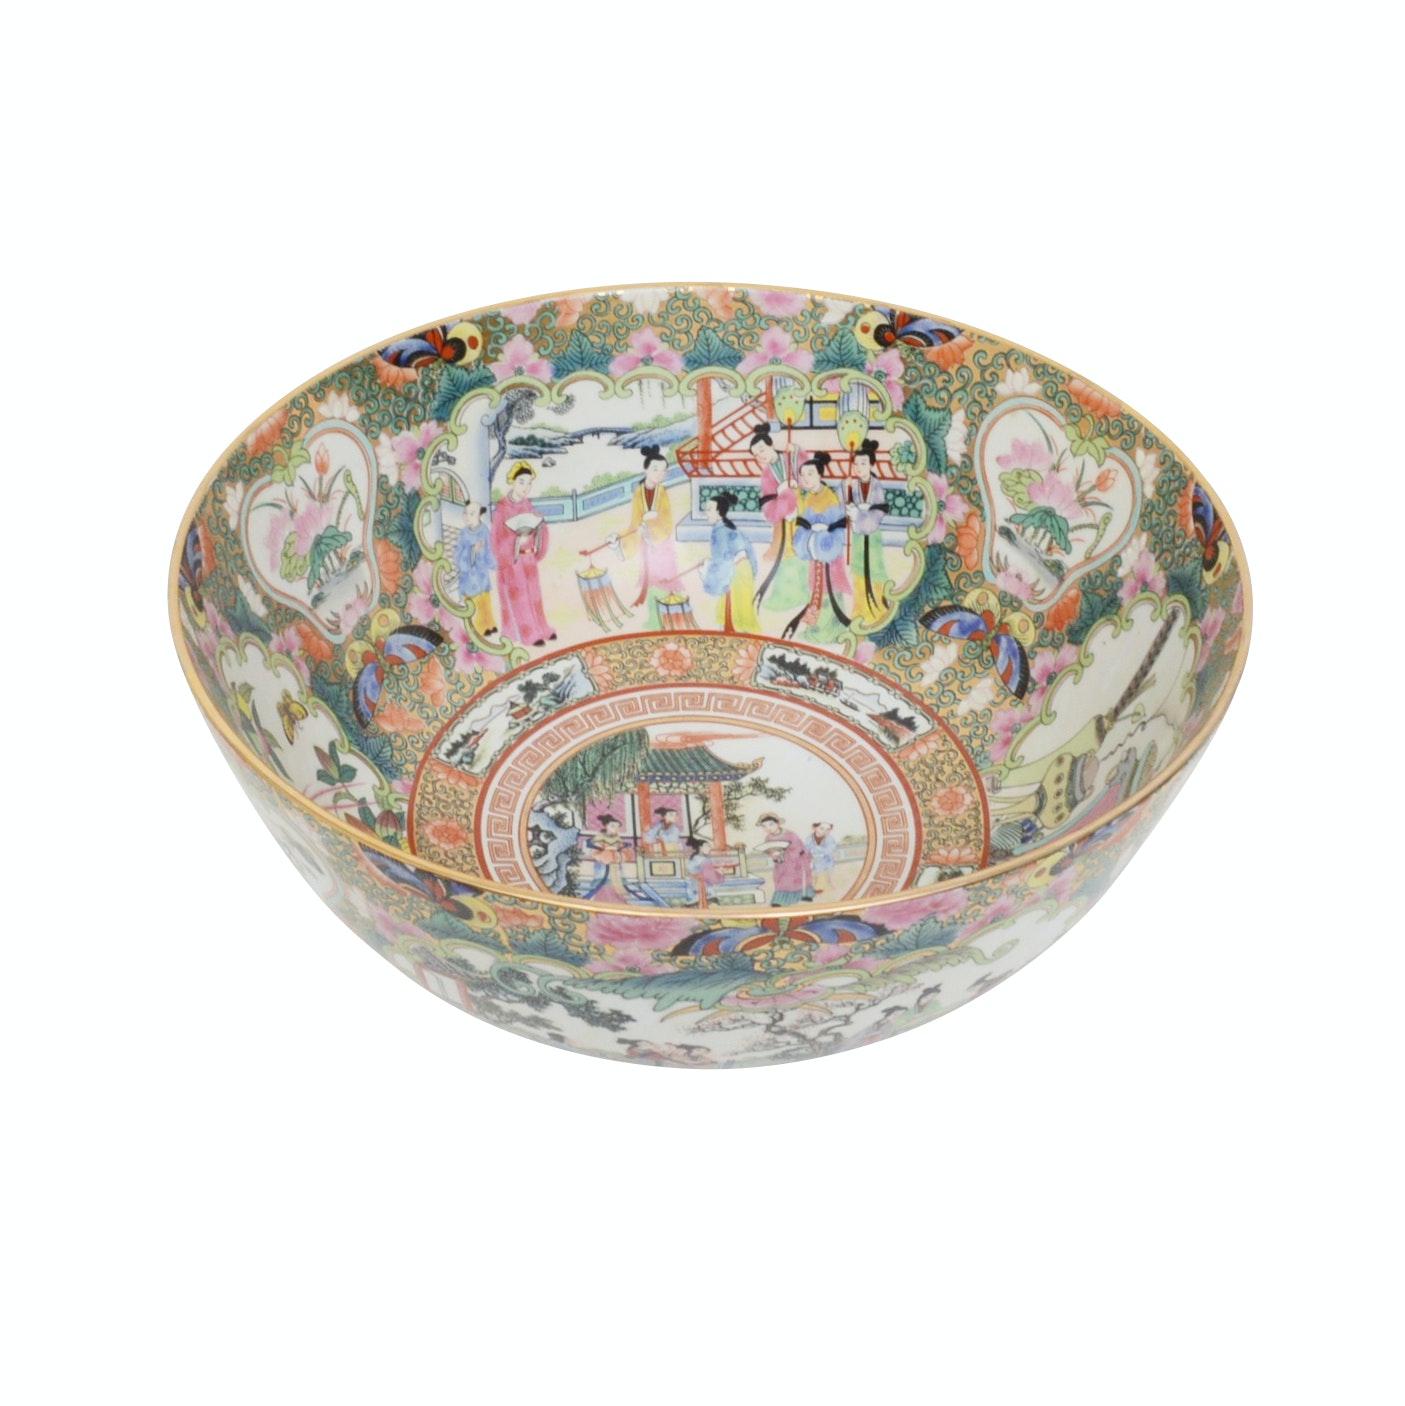 Japanese Porcelain Serving Bowl